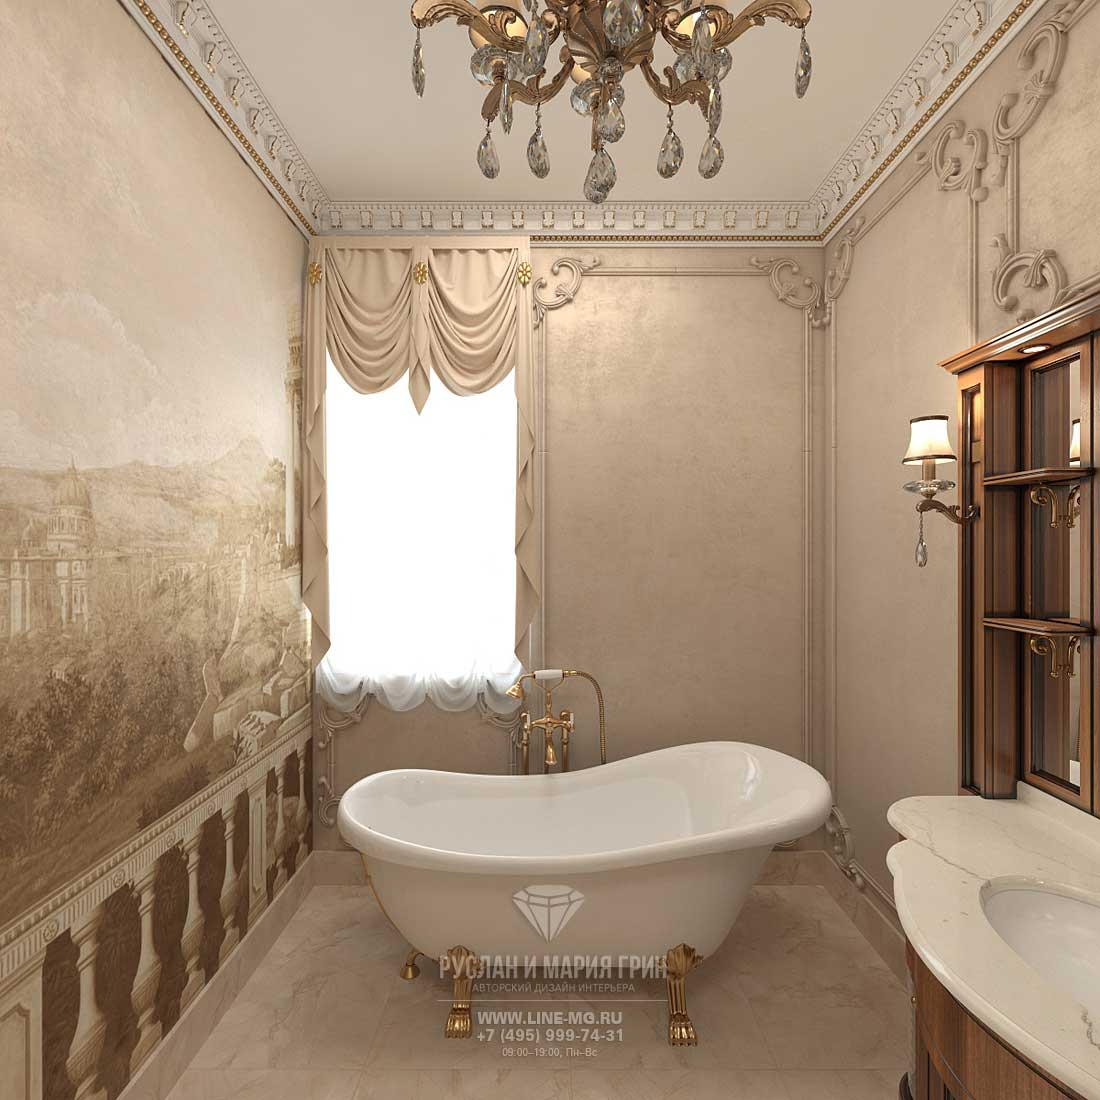 Фото интерьера ванной комнаты 2015